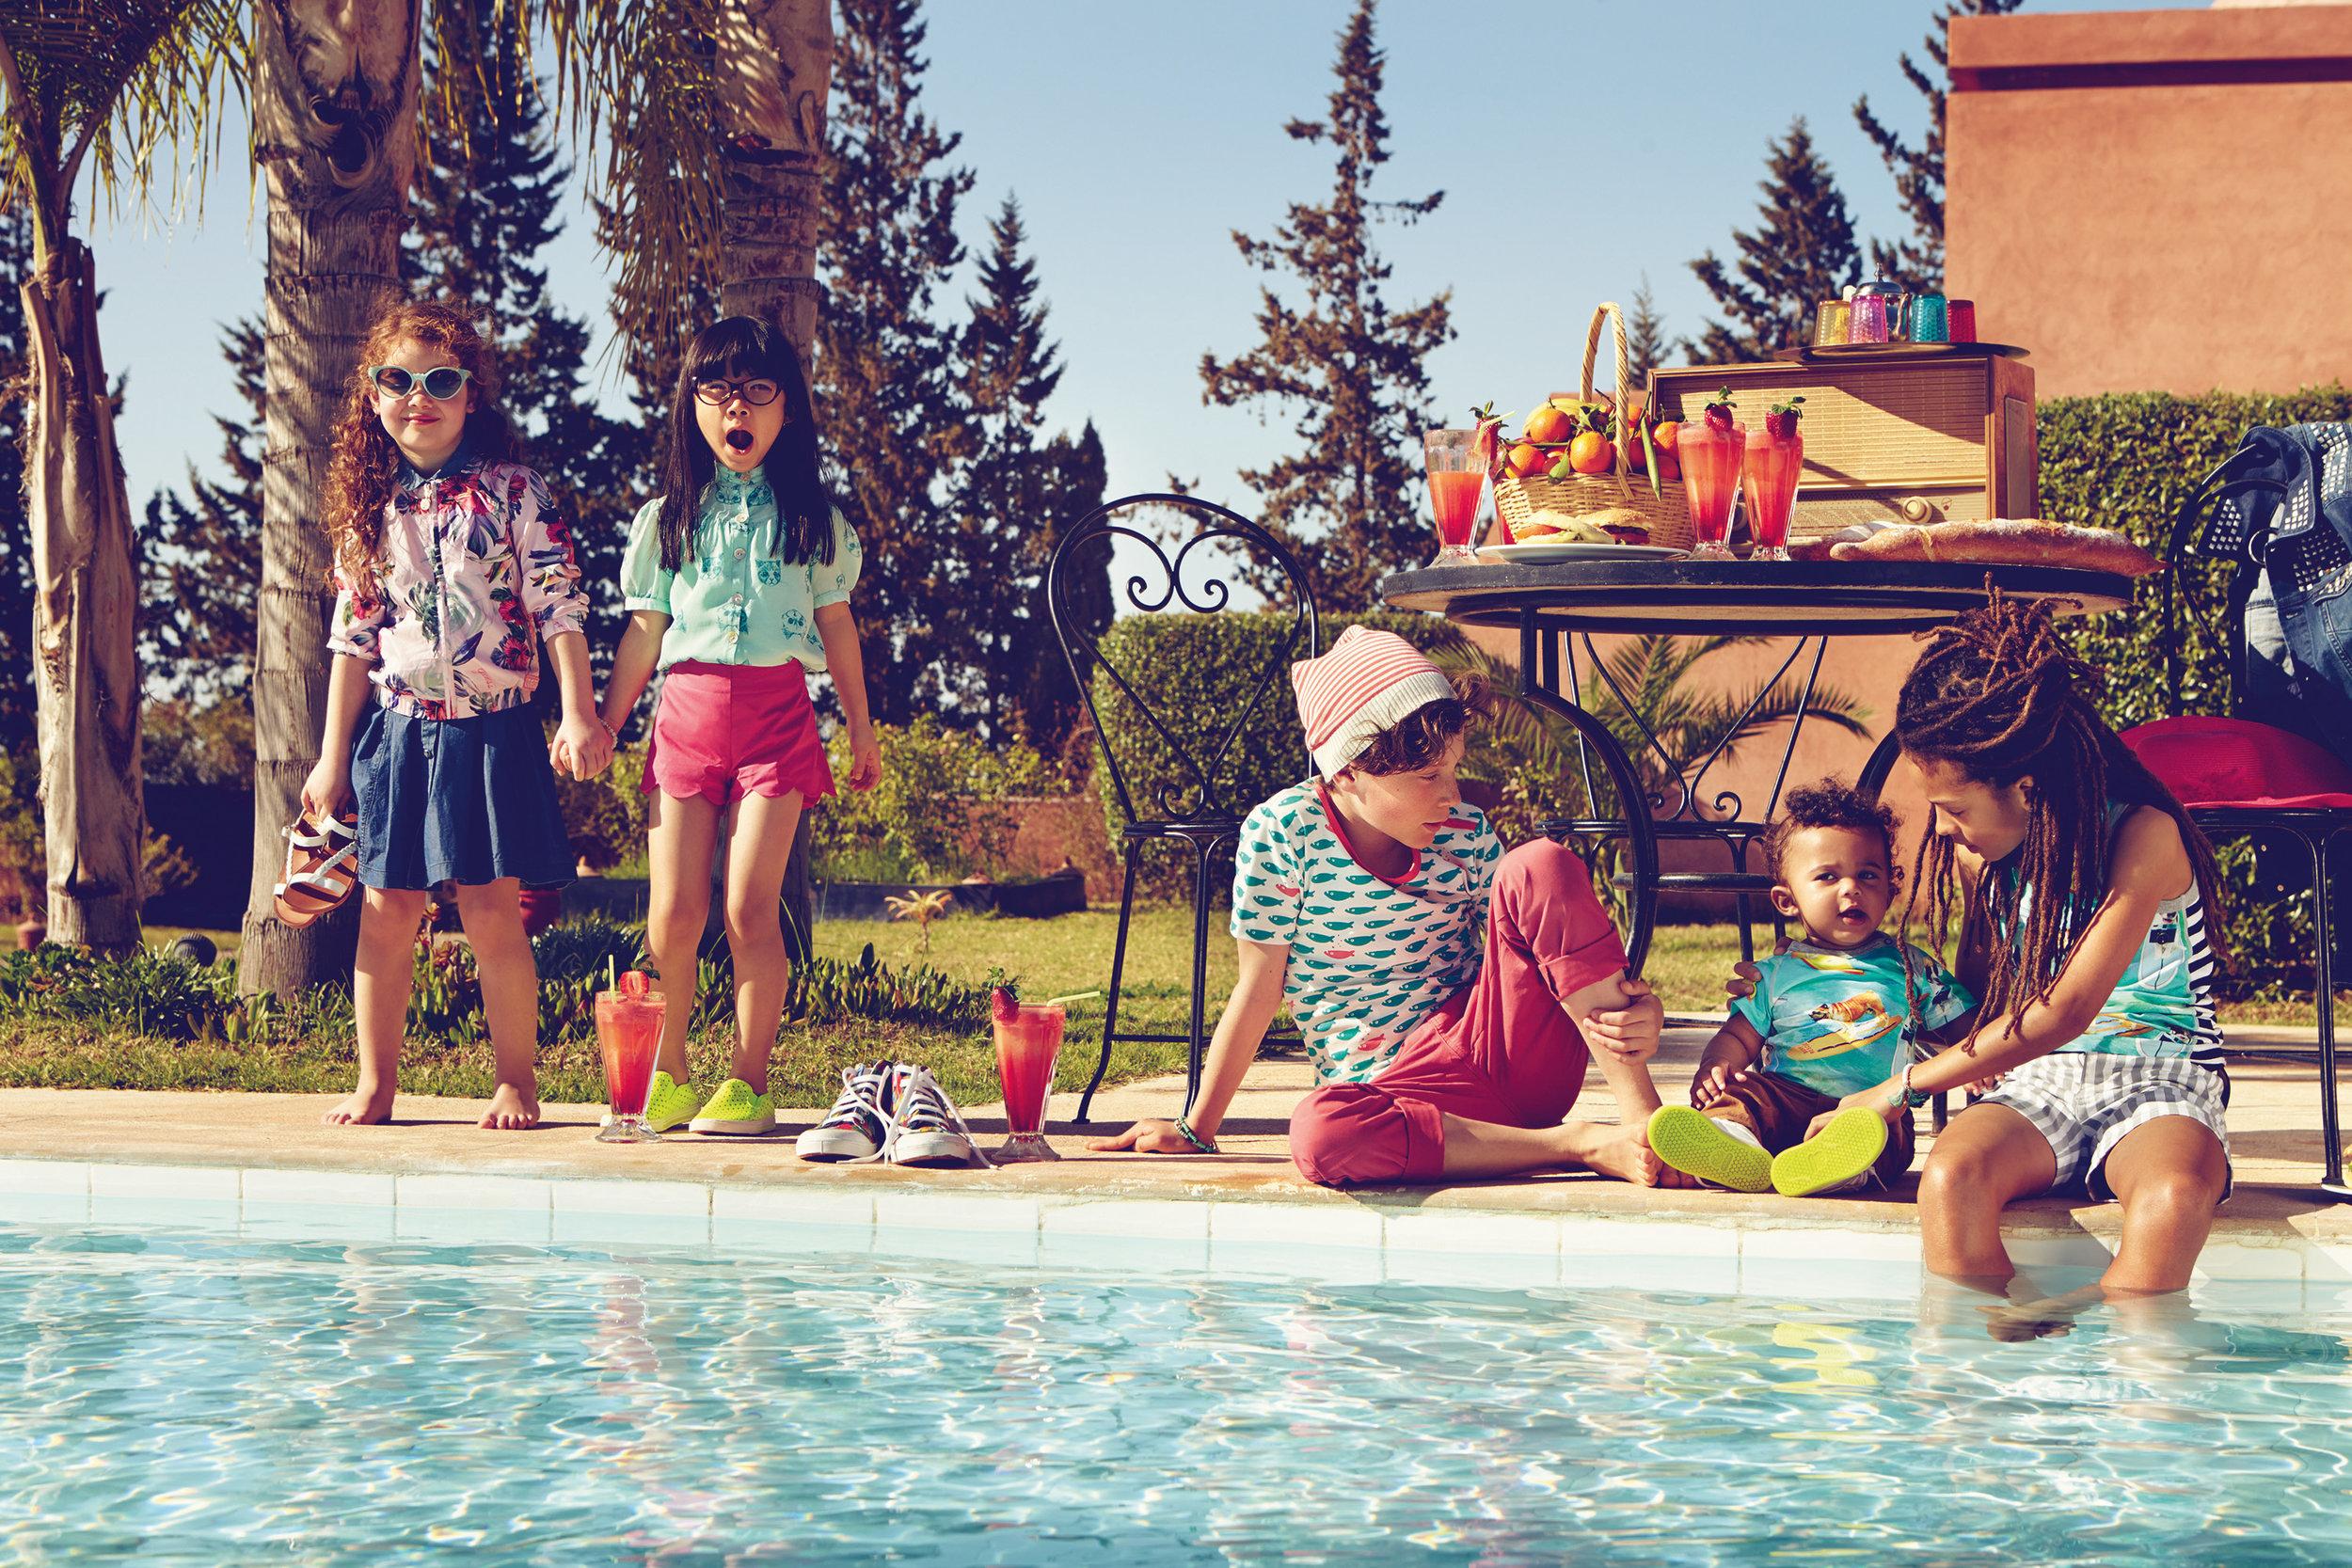 Ilve Little kids by pool